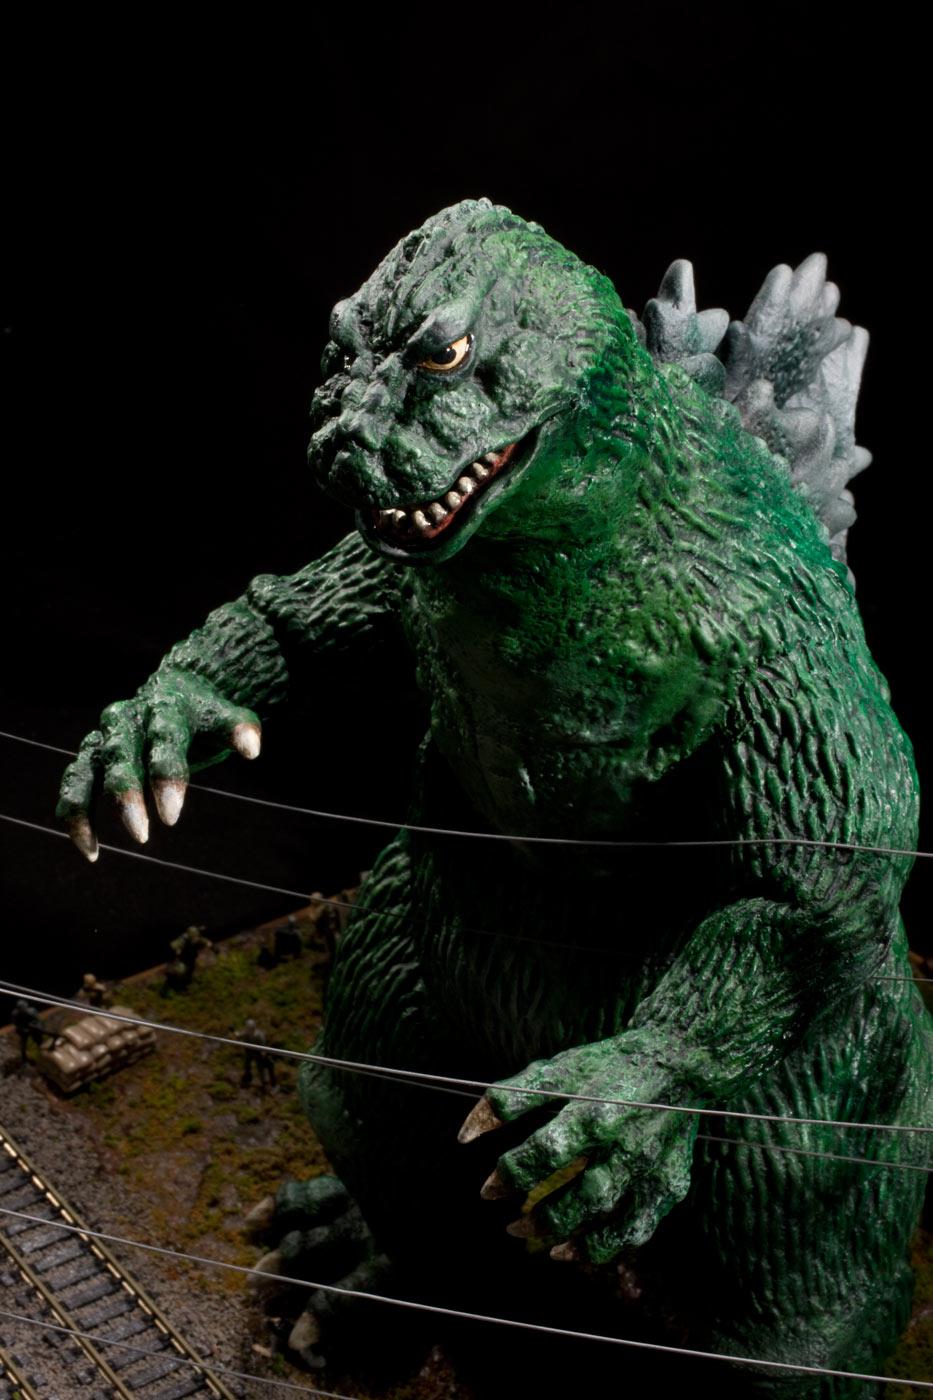 Godzilla Vs King Kong 1962 The Doctors Model Mansion